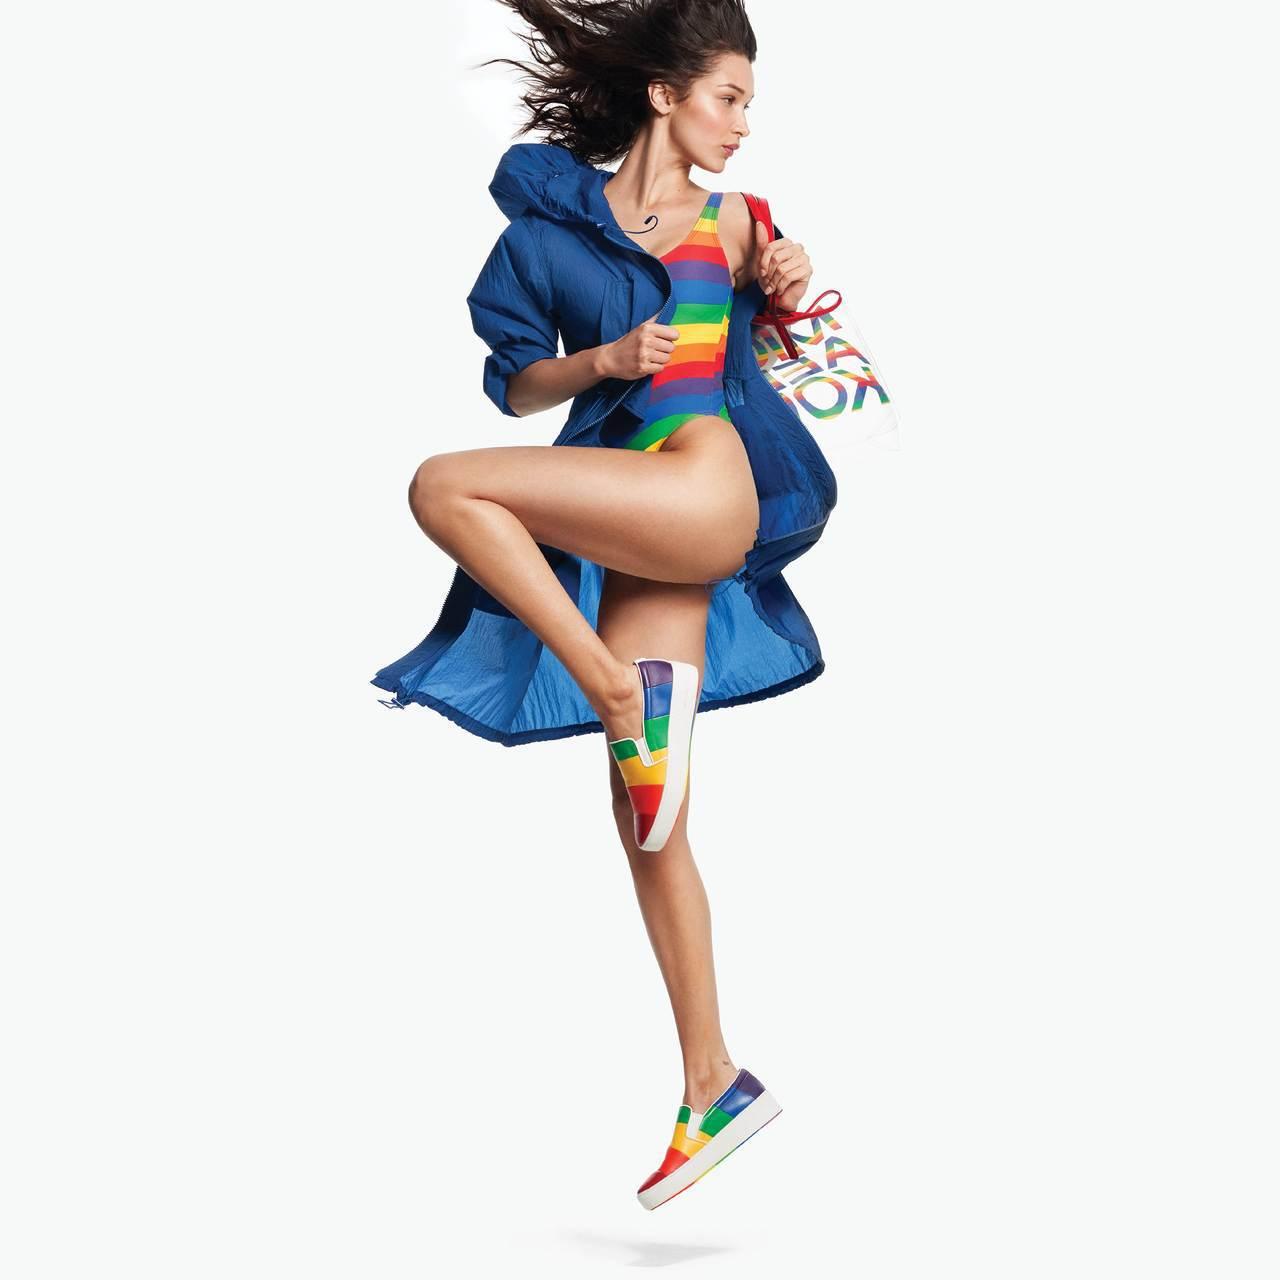 超模貝拉哈蒂德為MMK夏季彩虹系列拍攝形象大片,綻放繽紛活力。圖/MICHAEL...